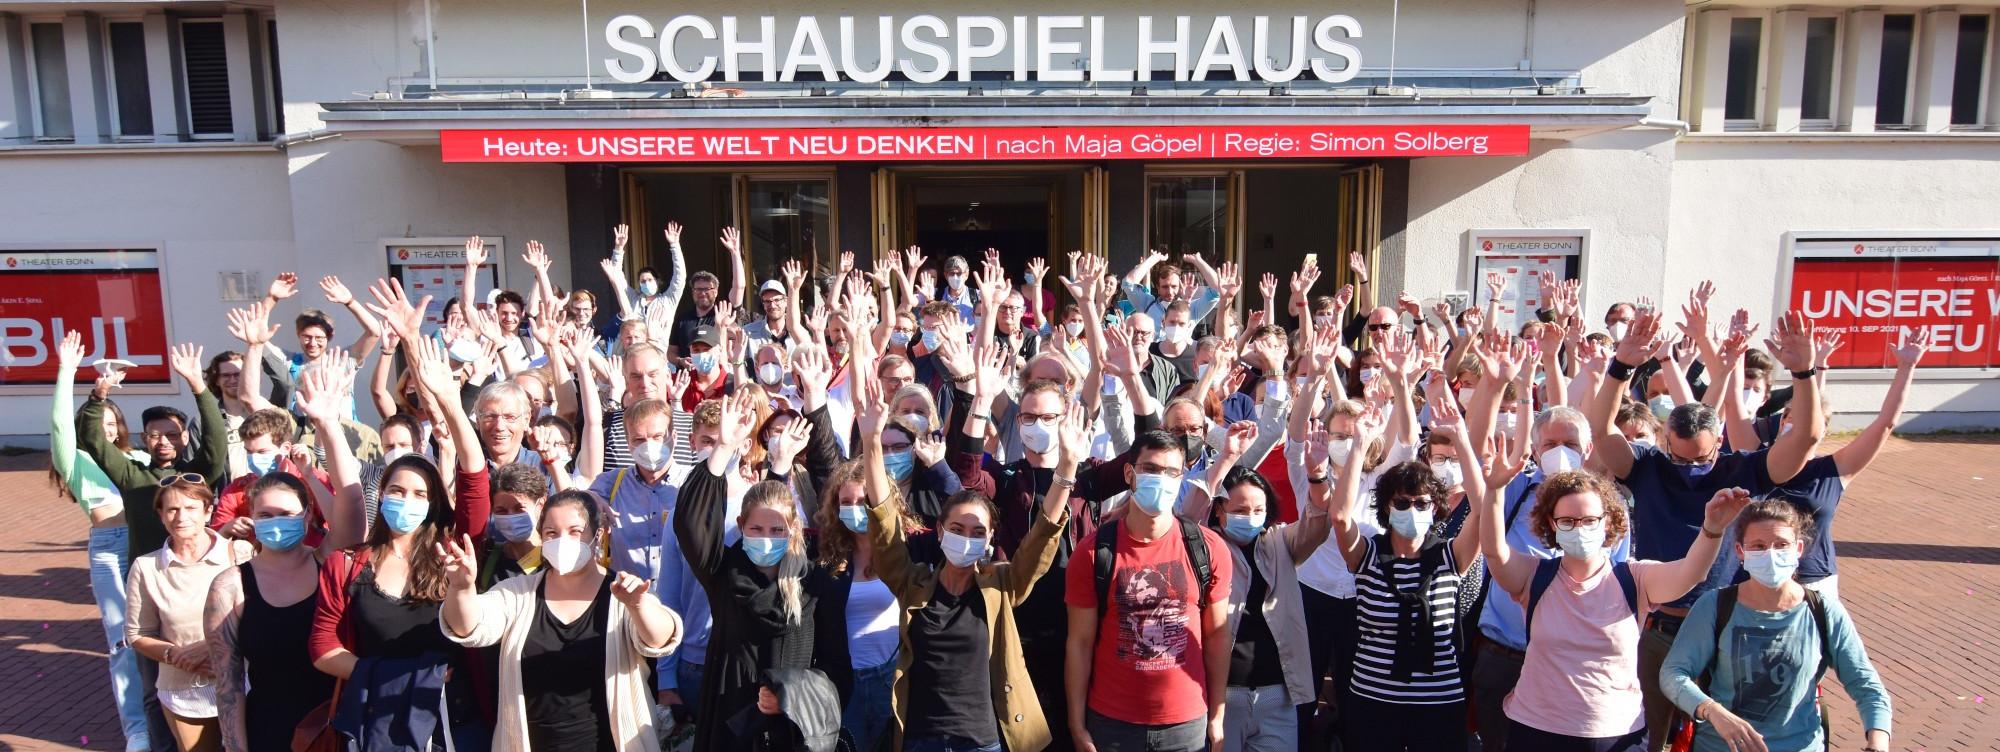 Eine Menschenmenge, die die Hände hebt. Im Hintergrund der Schriftzug des Schauspielhauses.